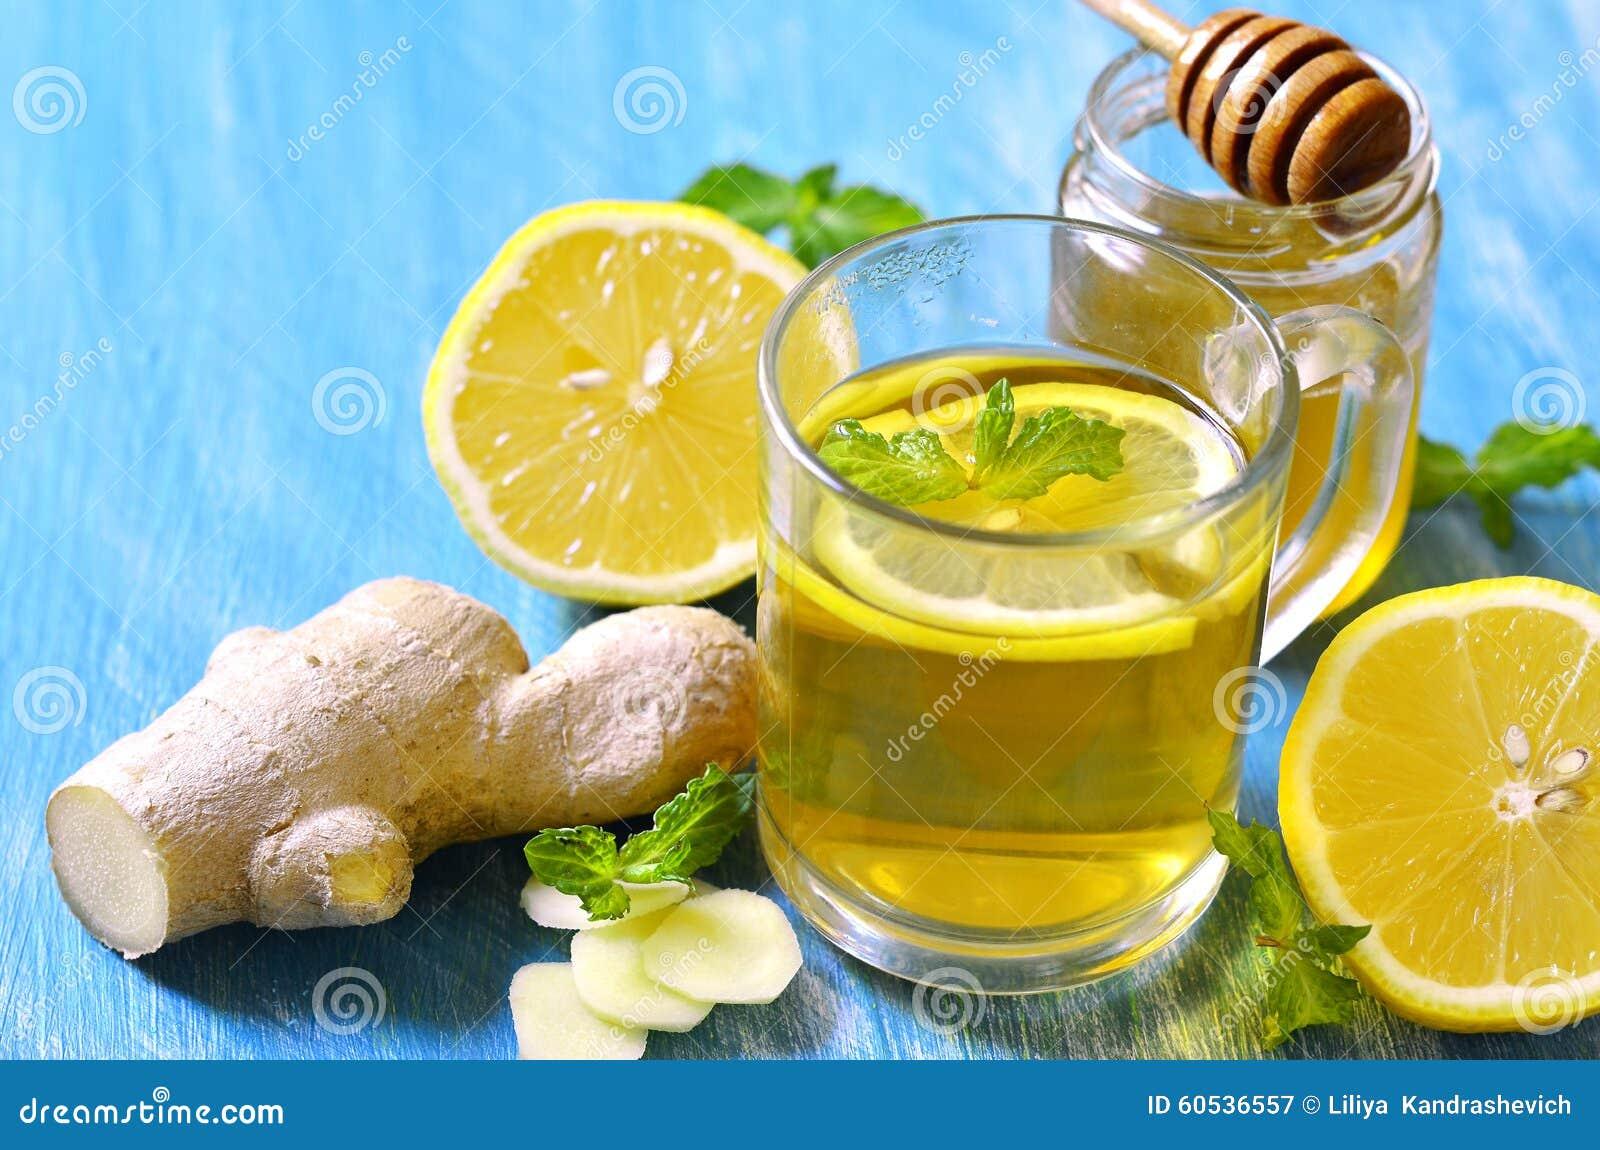 Ingwerhonig und Zitronentee zur Gewichtsreduktion